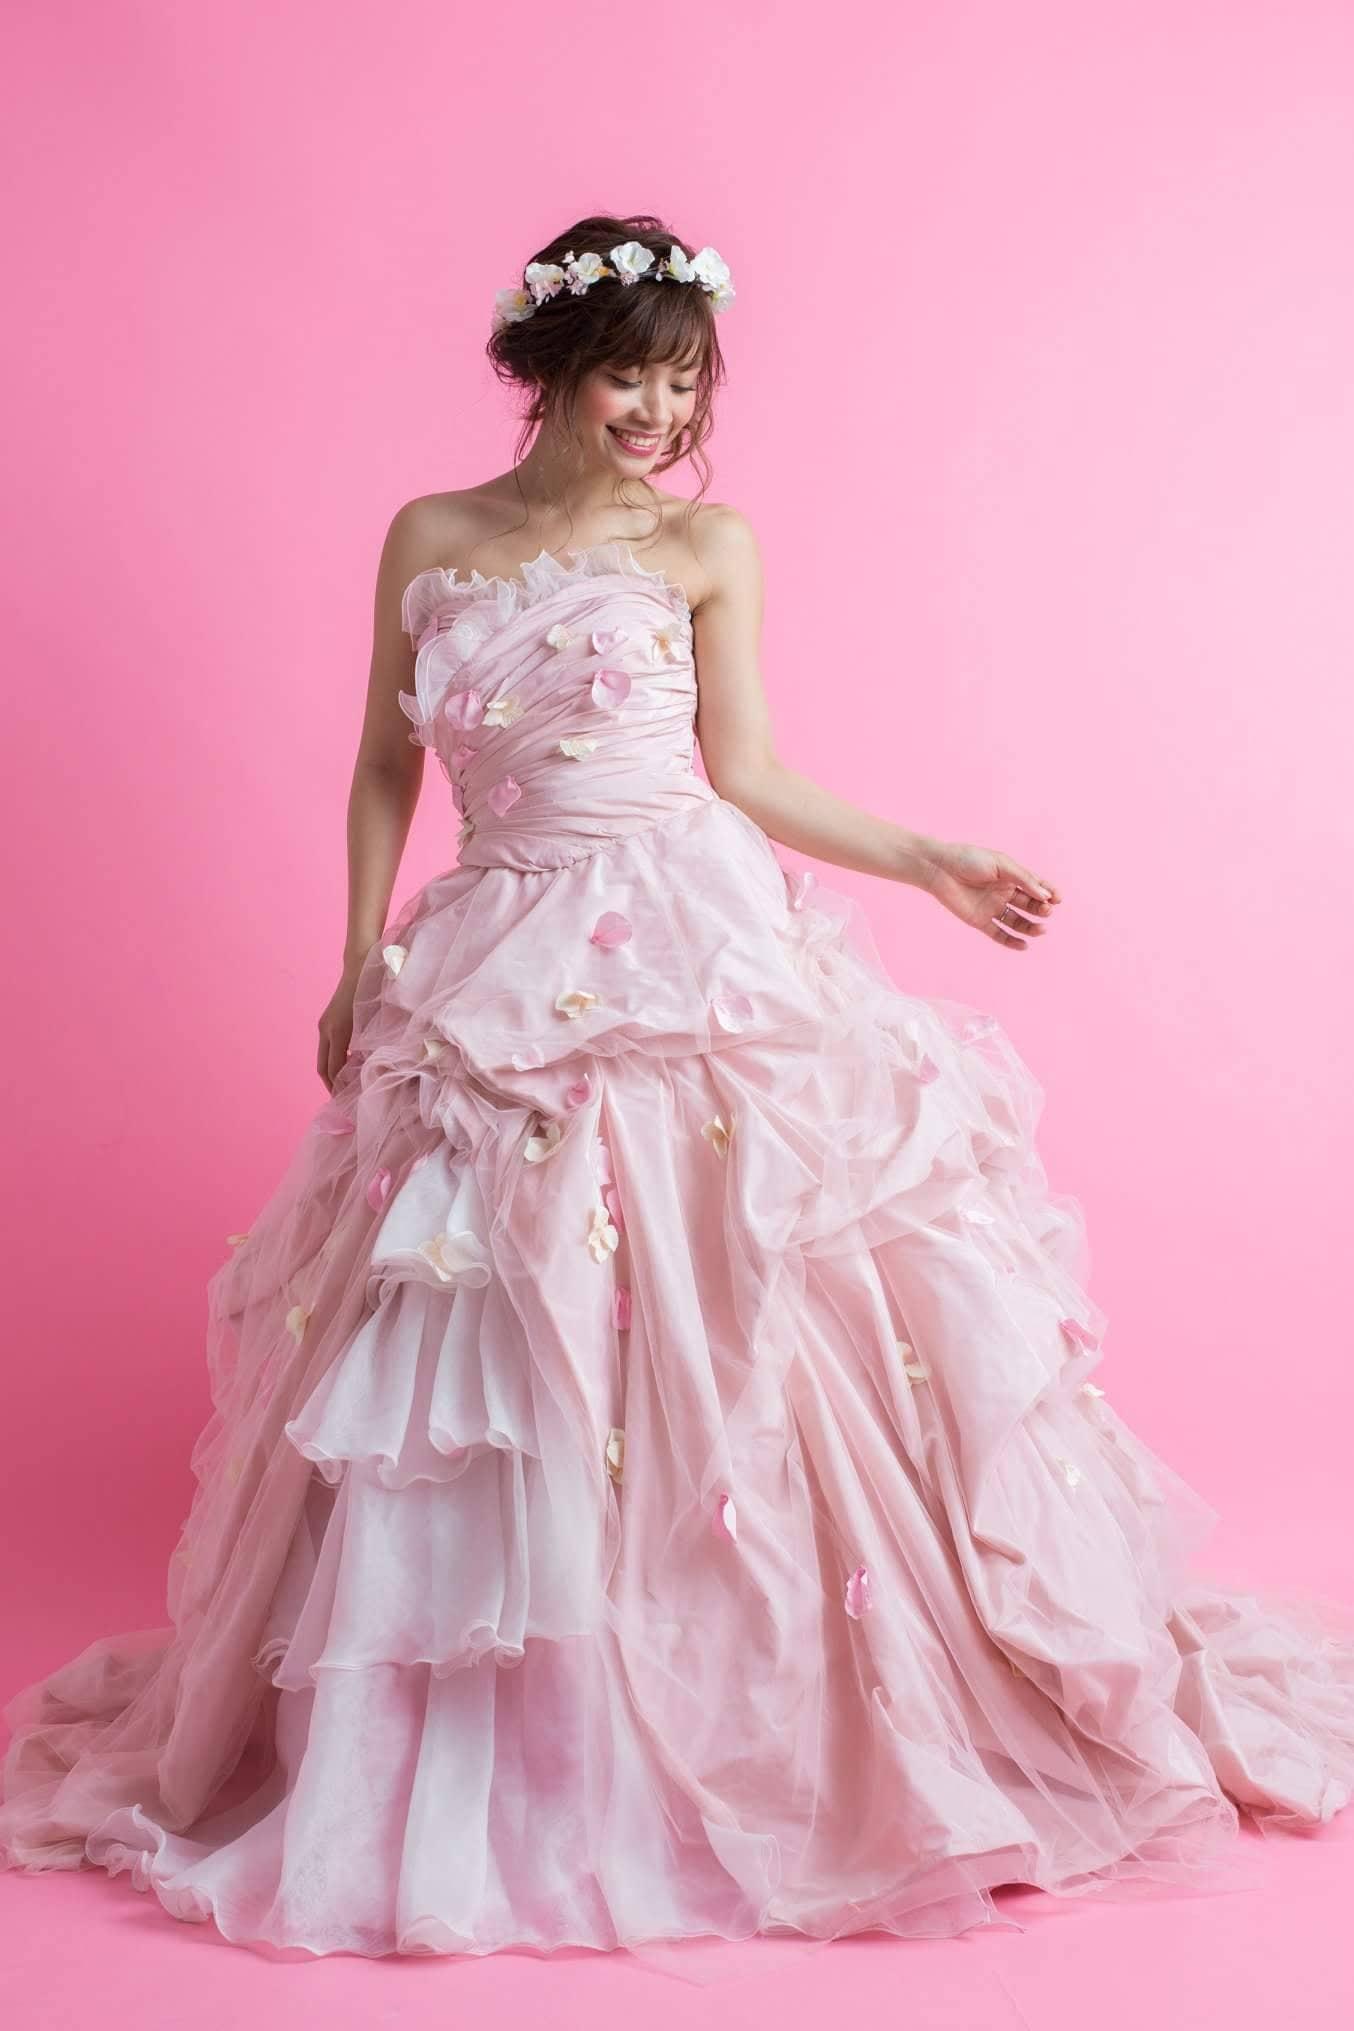 レンタルウエディングドレス(プリンセスピンクレディー)のイメージその1